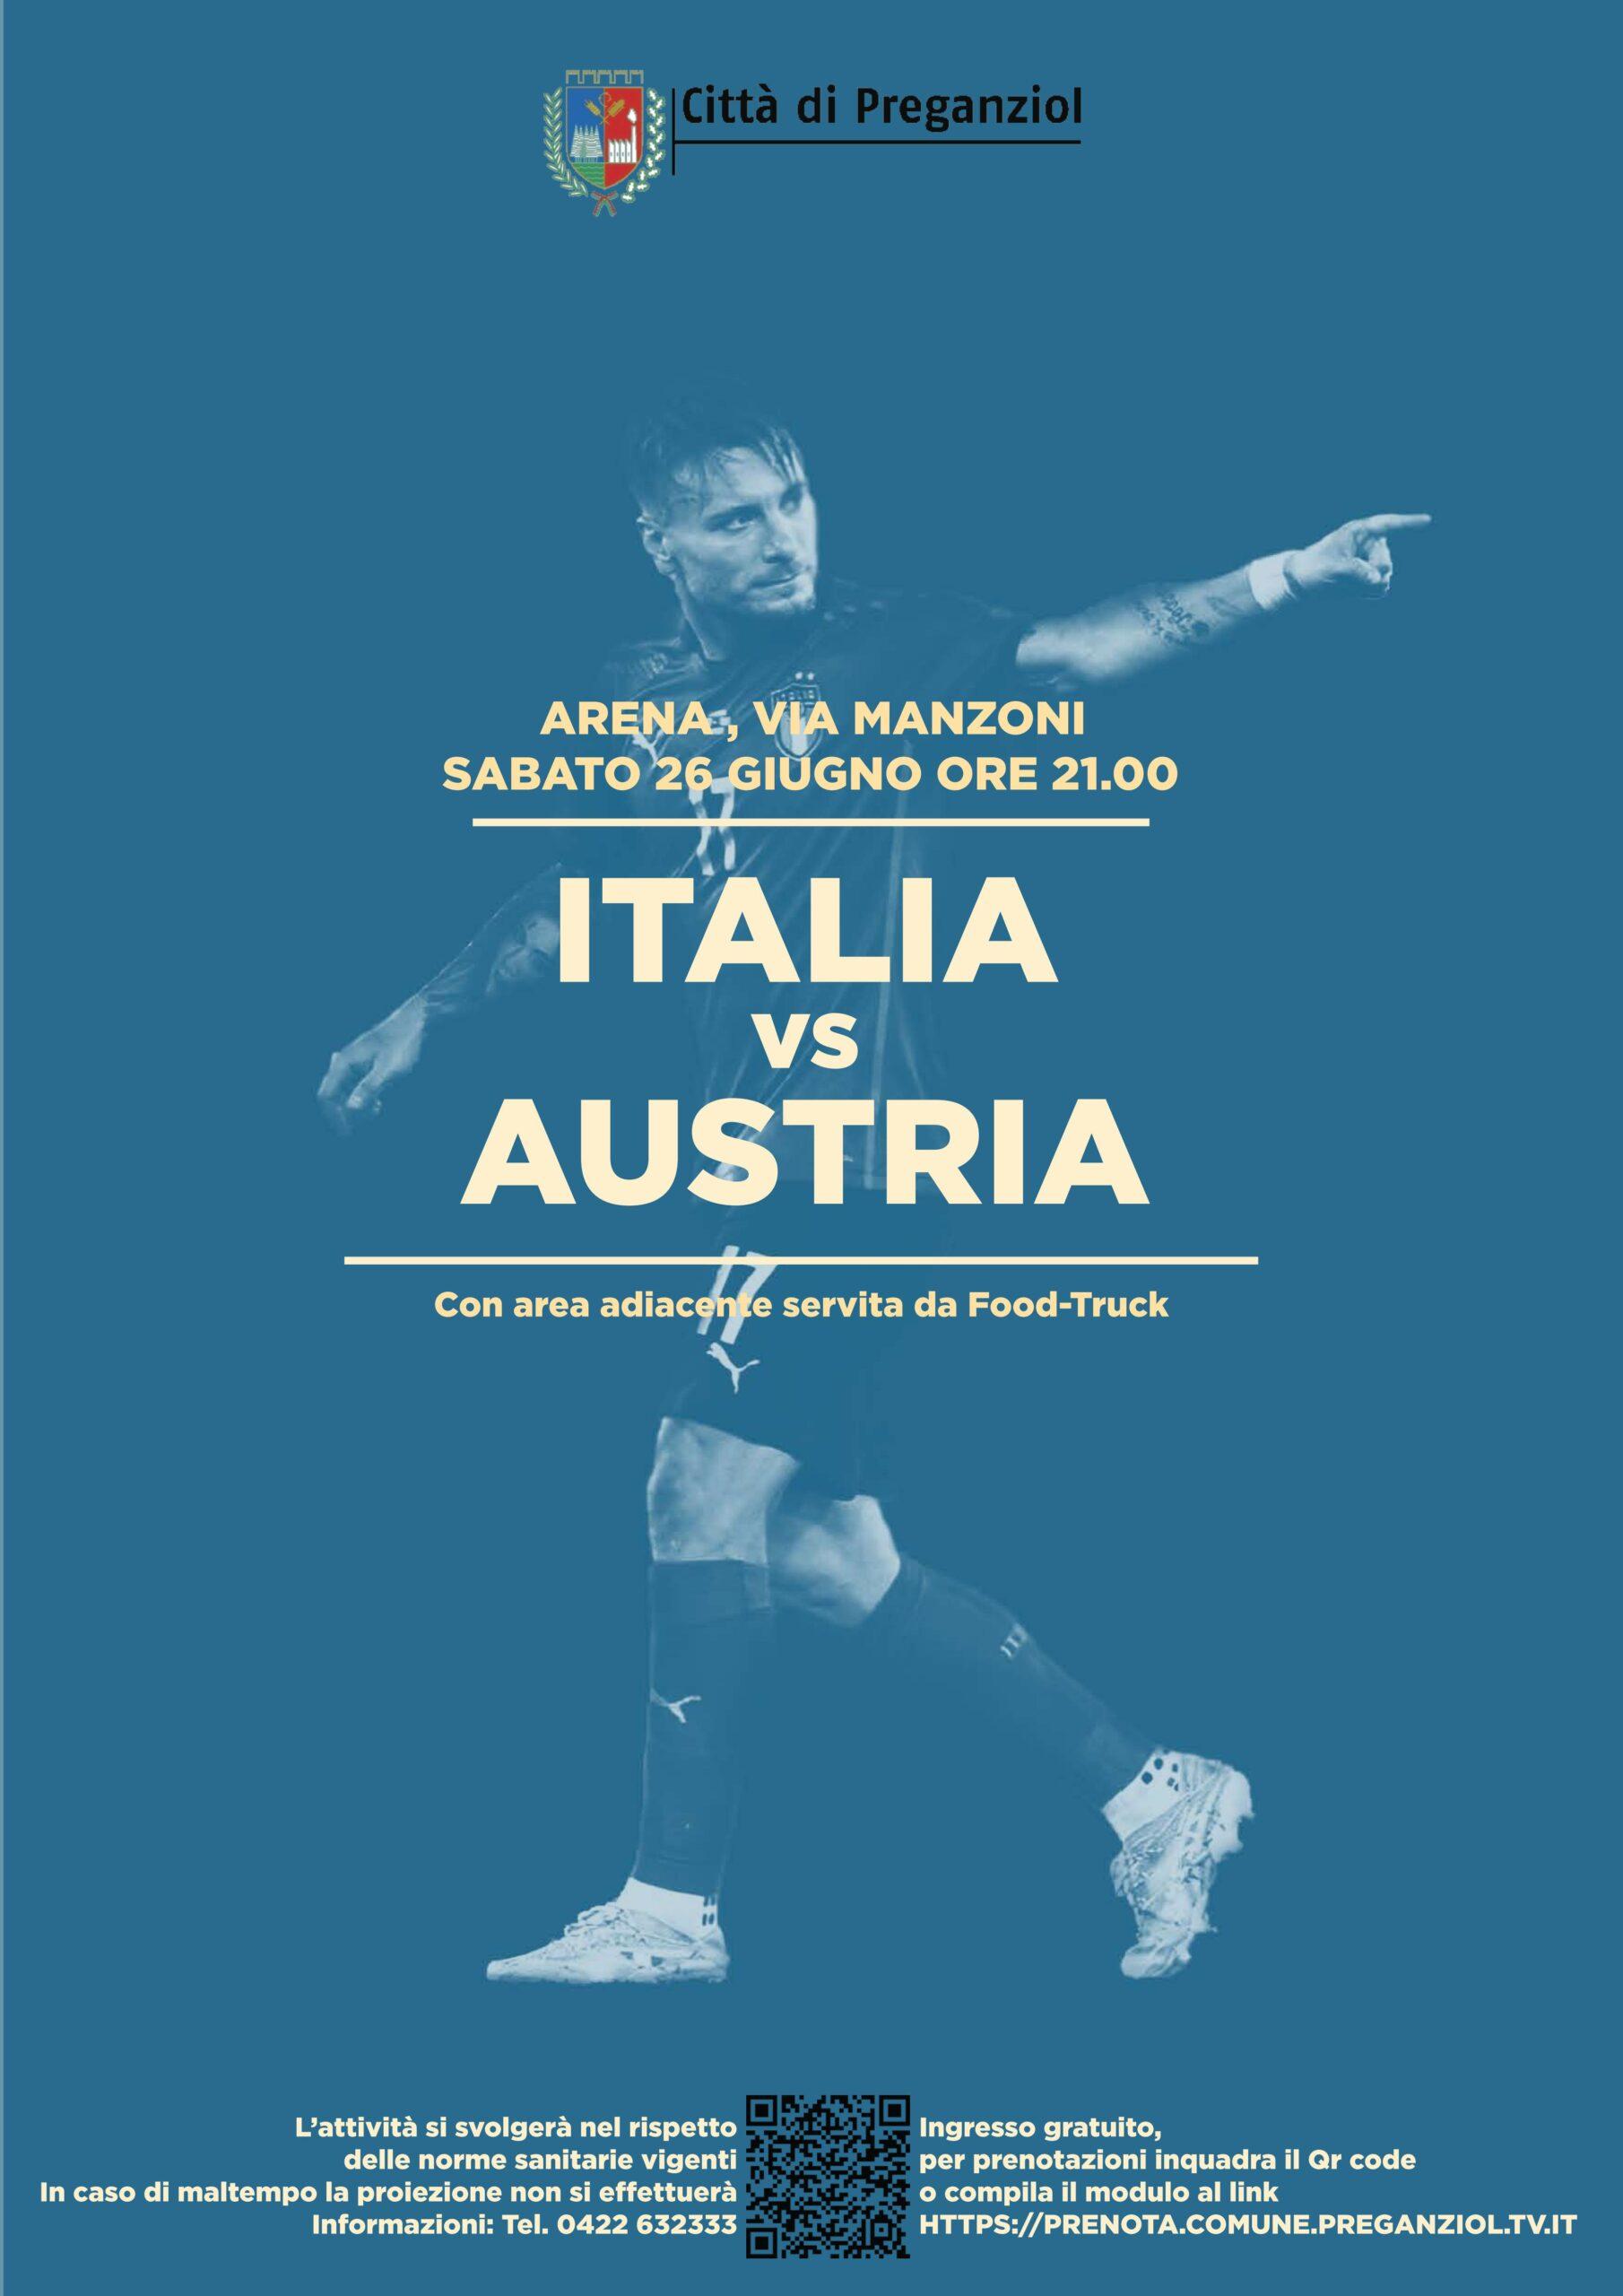 EURO 2020 – EUROPEI DI CALCIO …. IN ARENA – ITALIA VS AUSTRIA